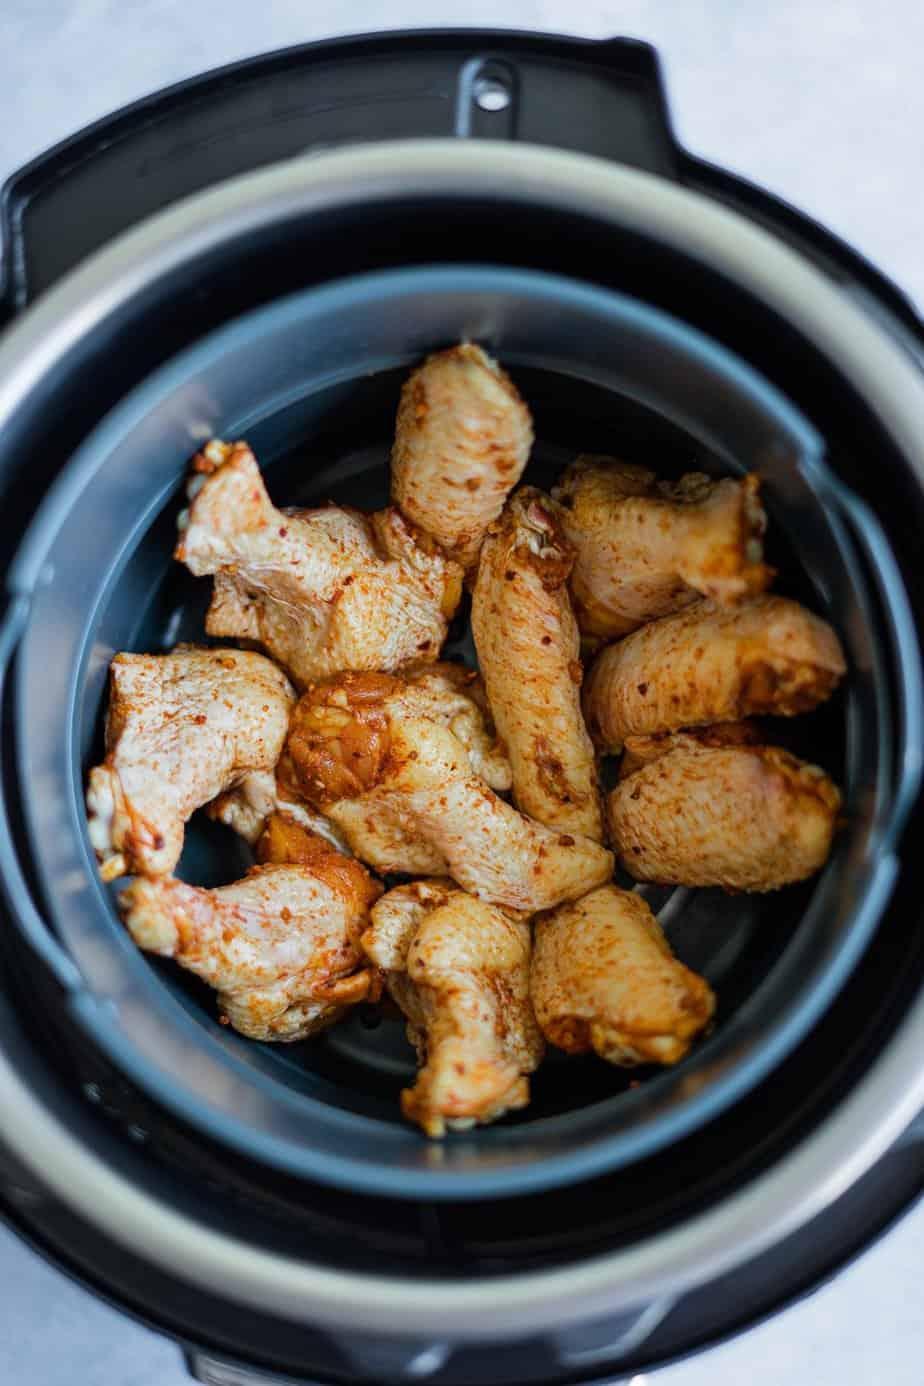 wings inside the air fryer basket